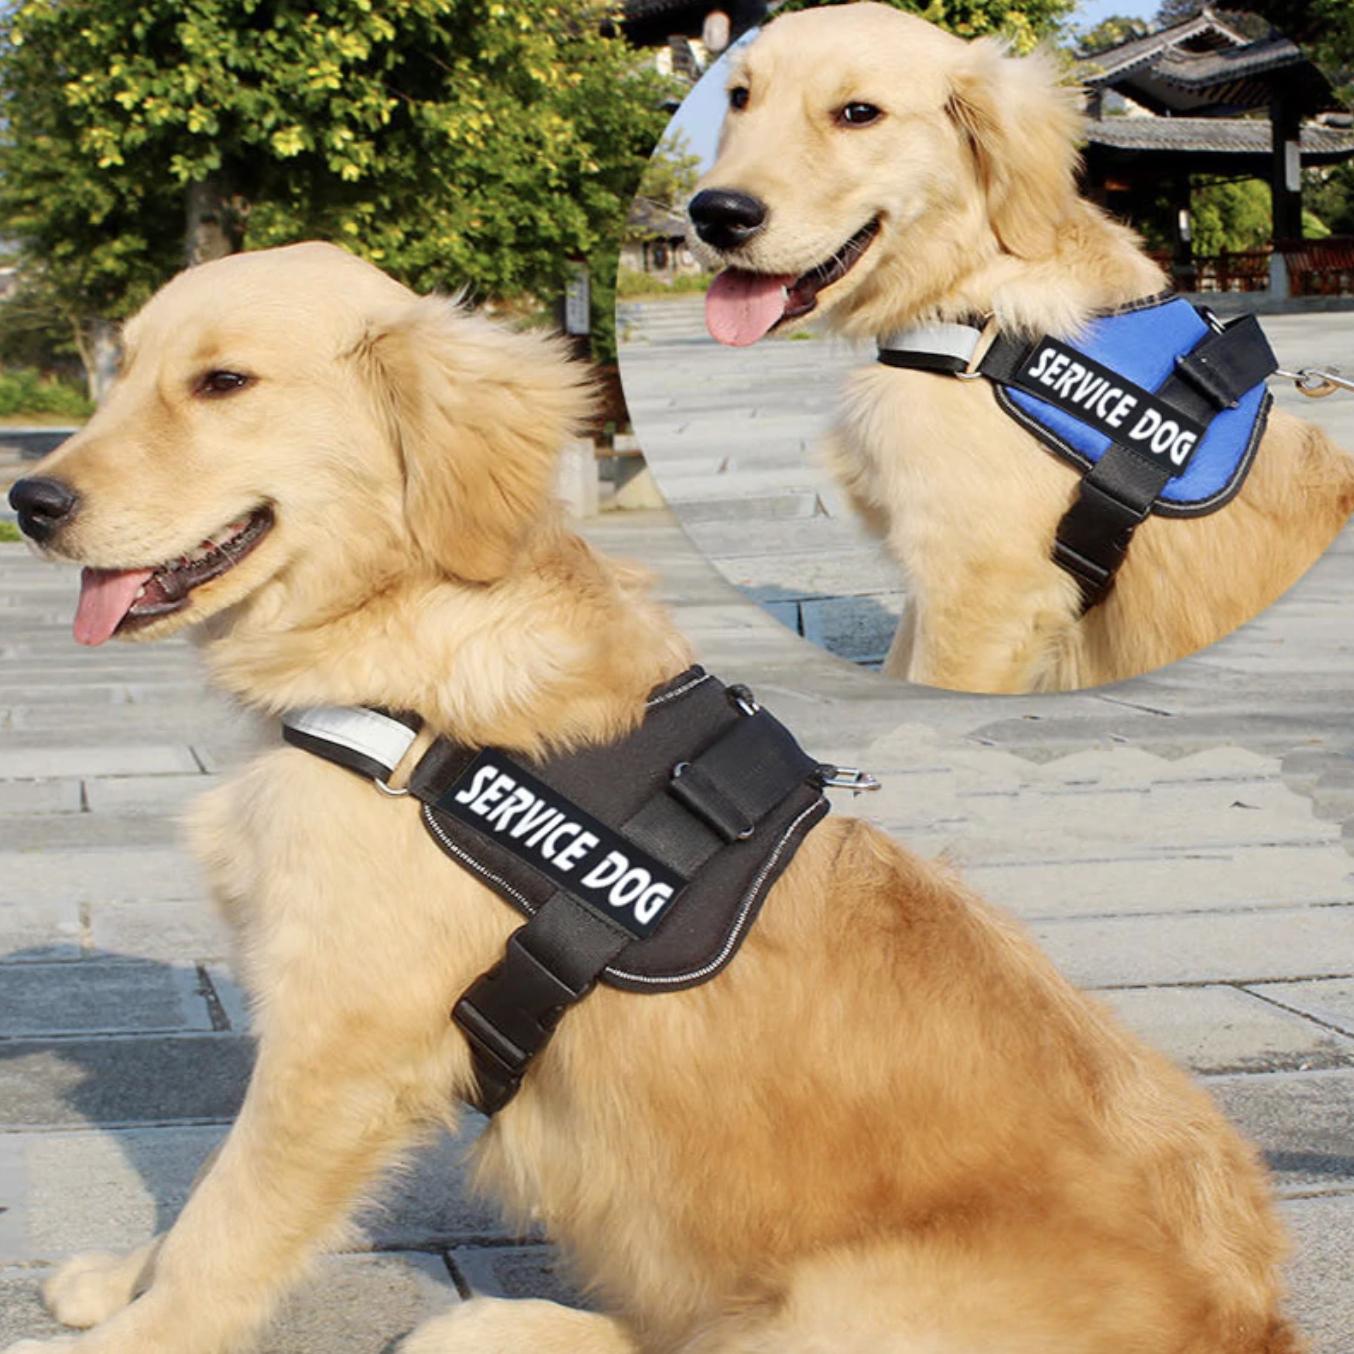 Service Dog หมาเซอร์วิช ถูกฝึกขั้นสูง